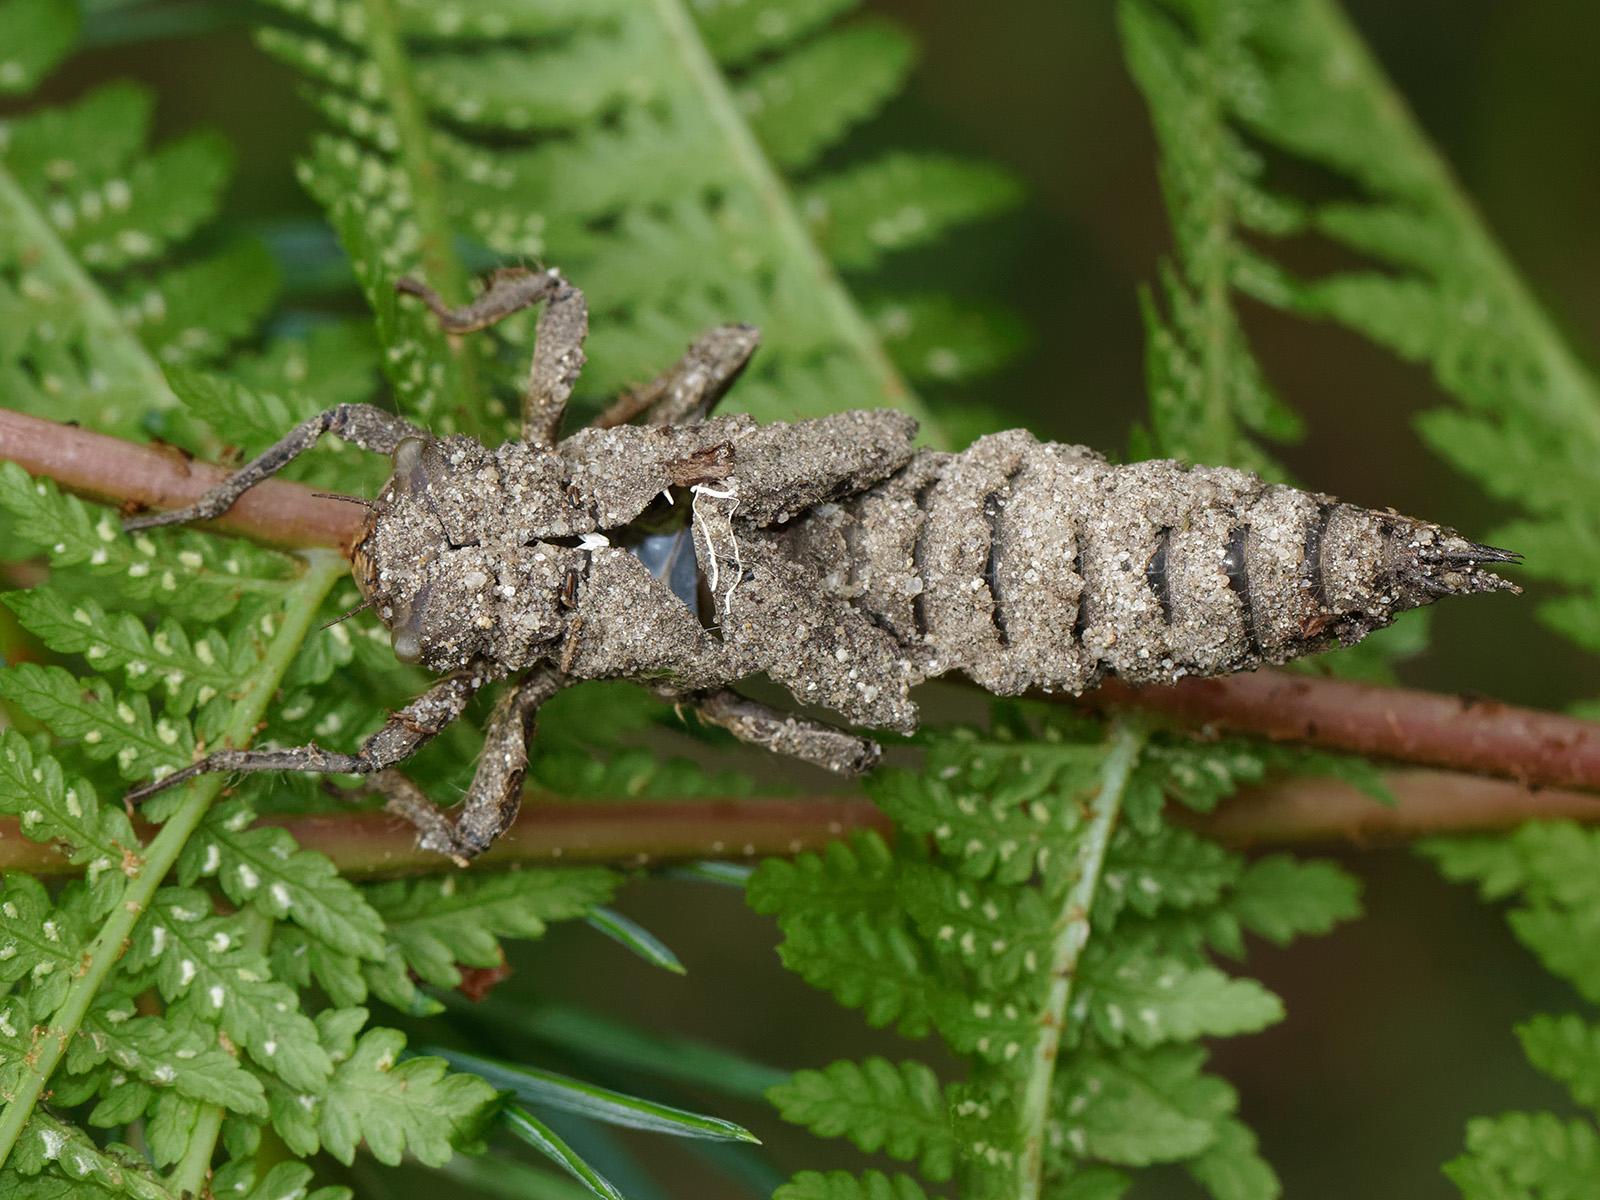 Cordulegaster boltonii, exuviae